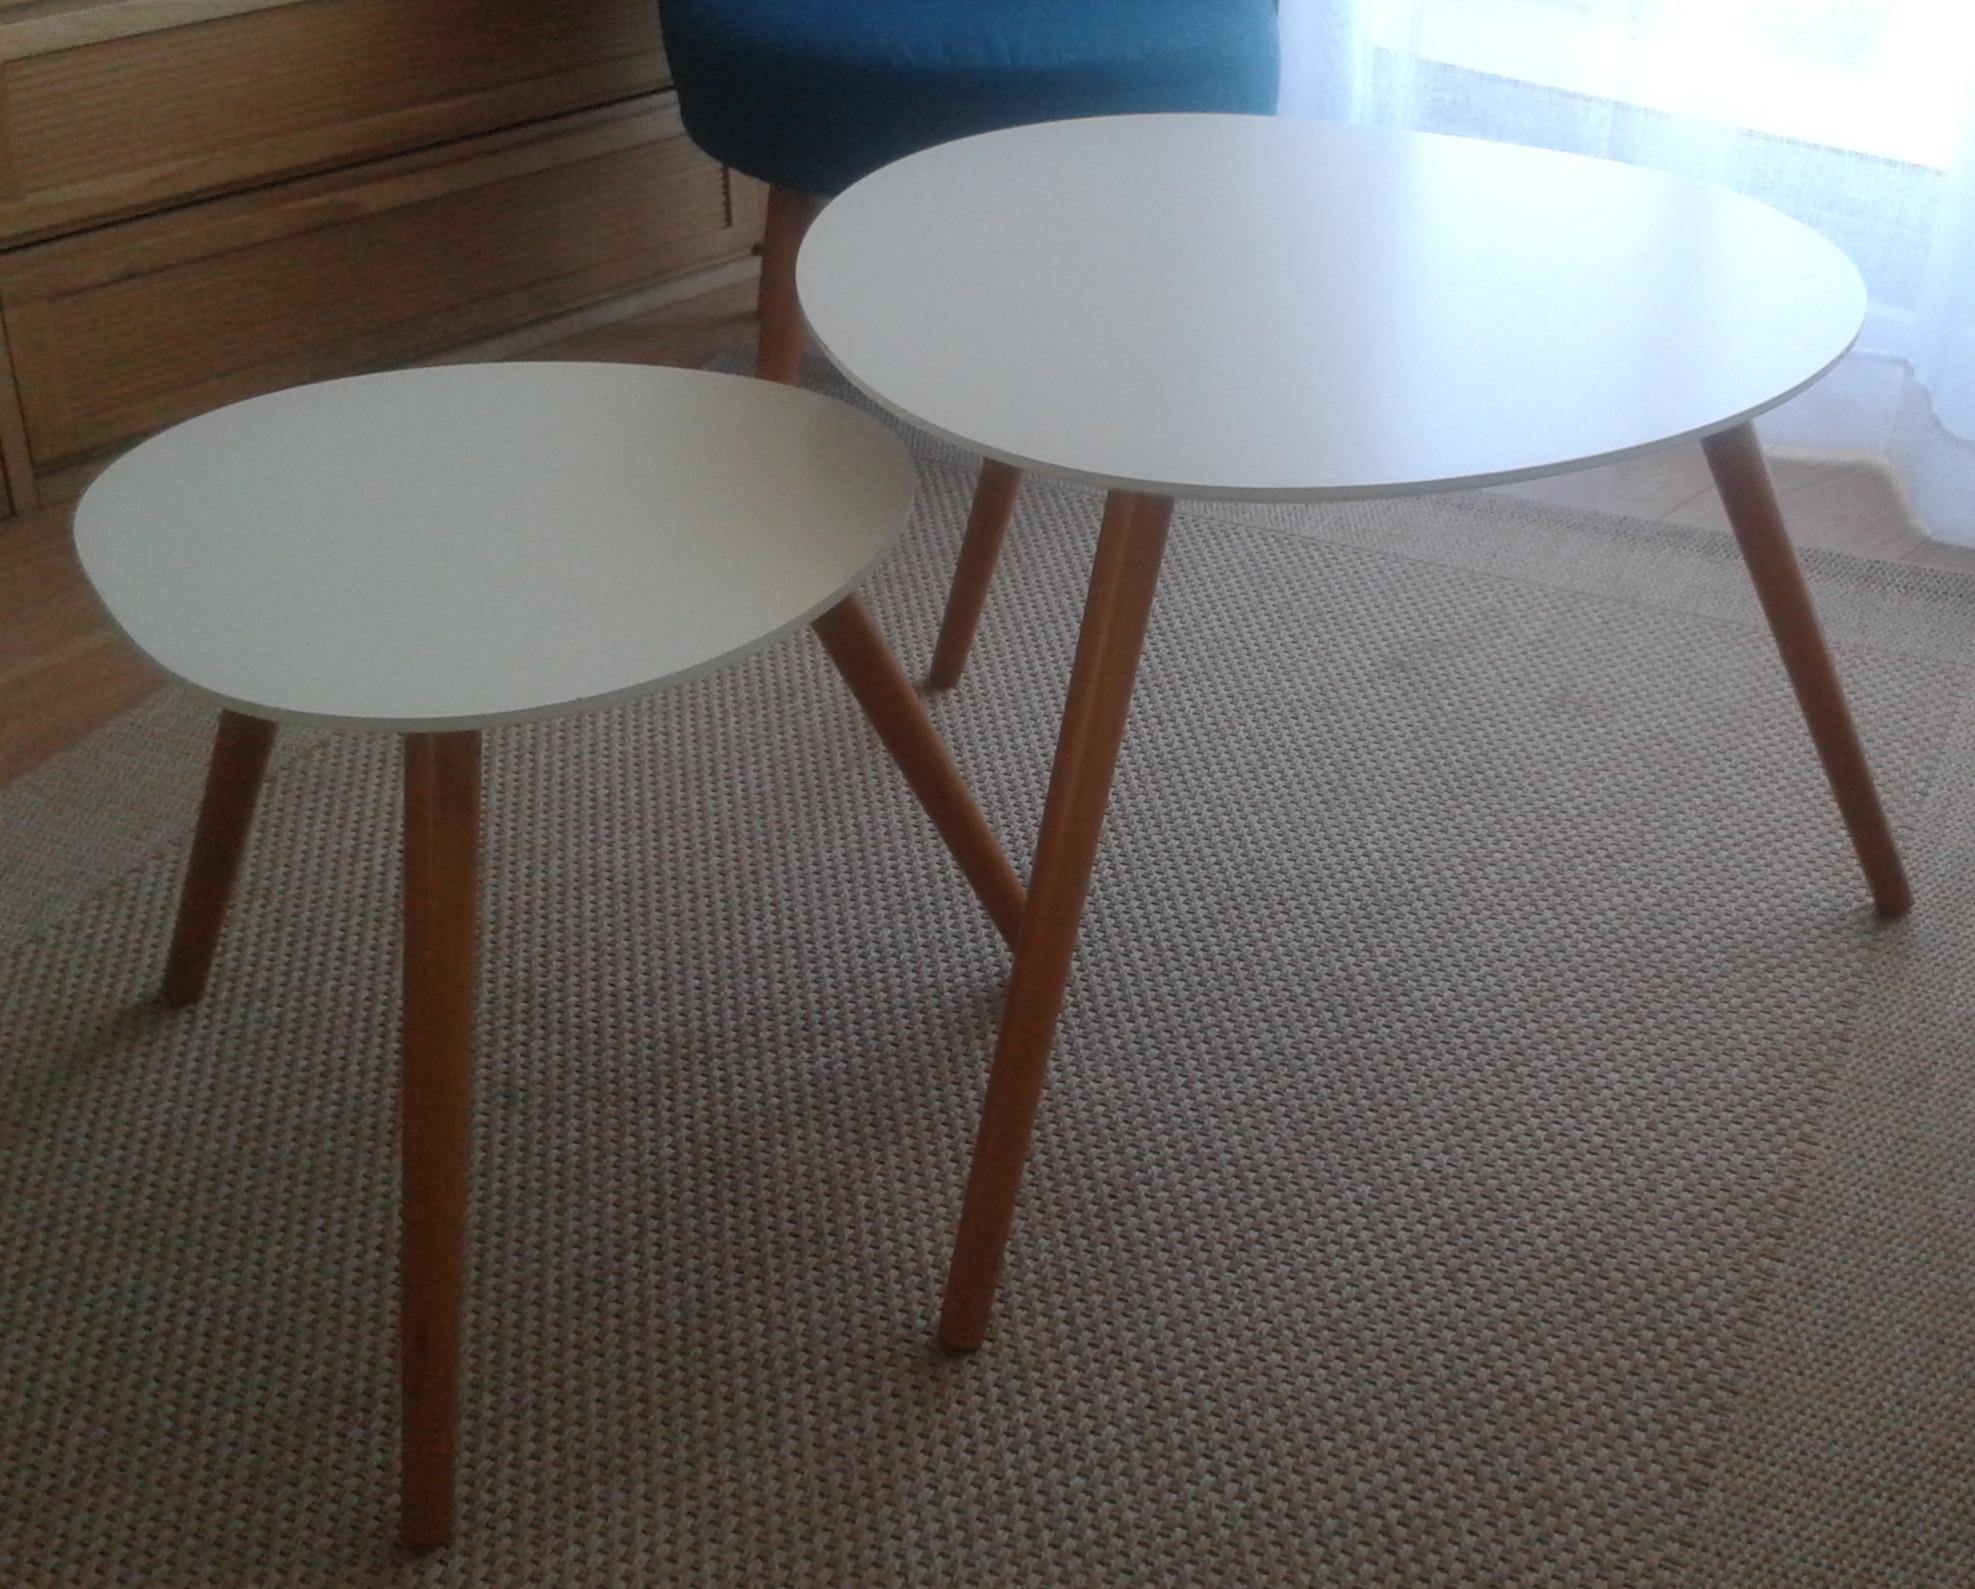 J'ai testé pour vous le lot de 2 Tables Café Blanc Mileo